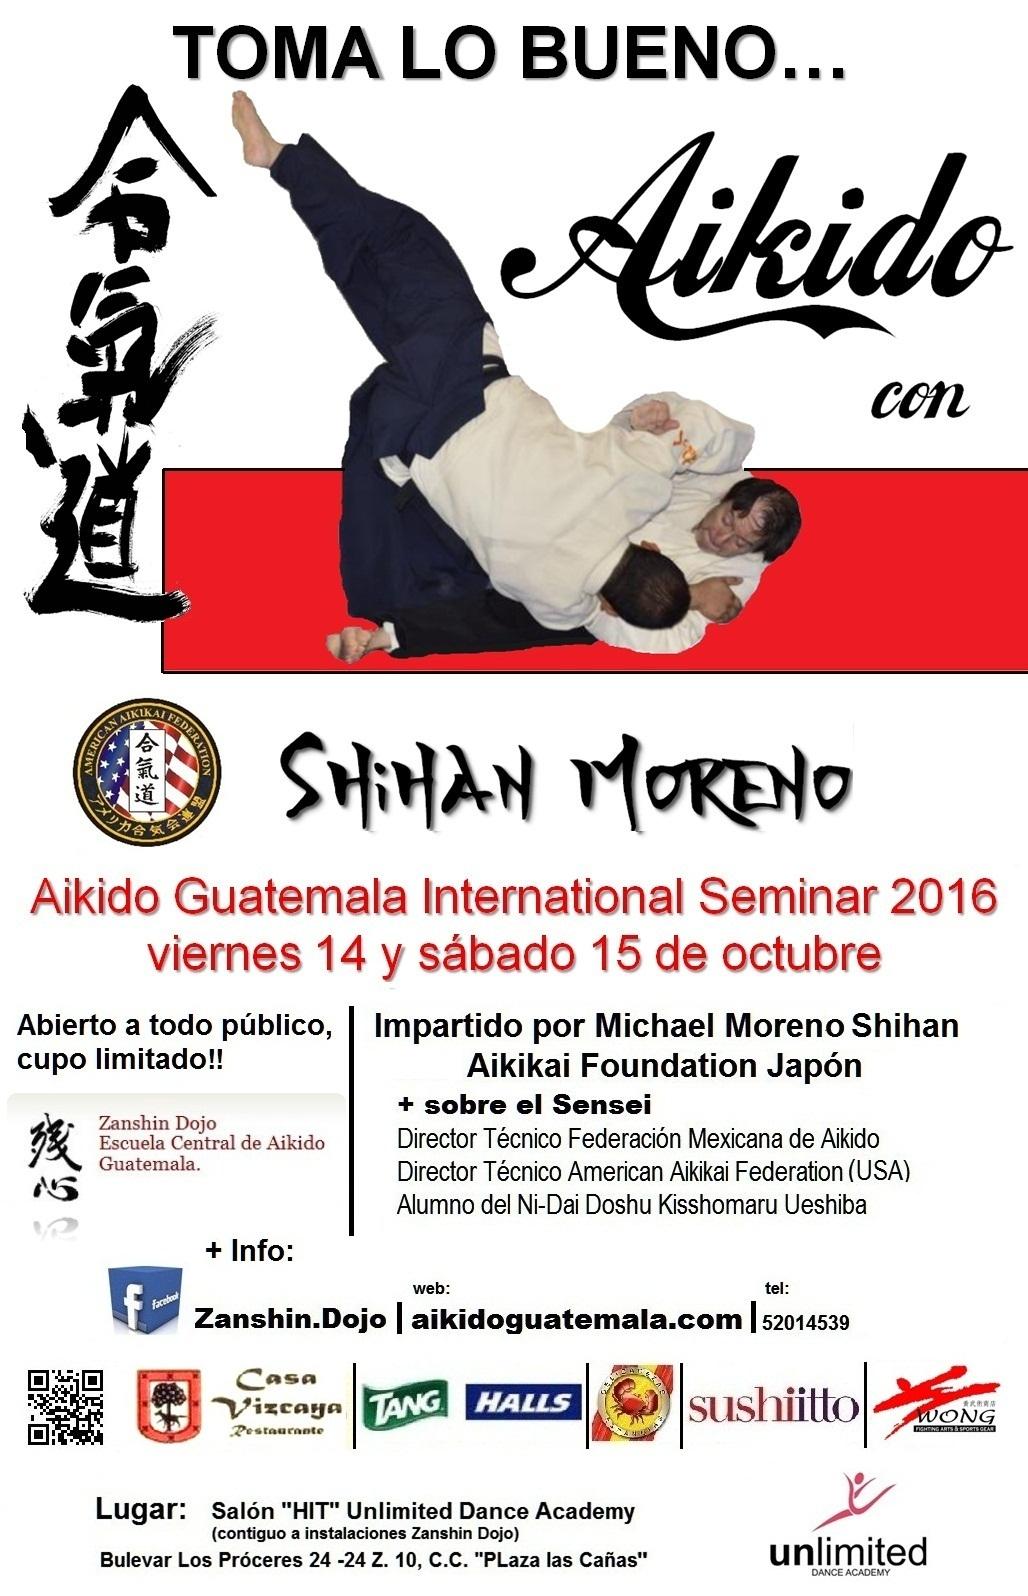 Afiche 14vo. Seminario Zanshin Dojo Aikido Guatemala